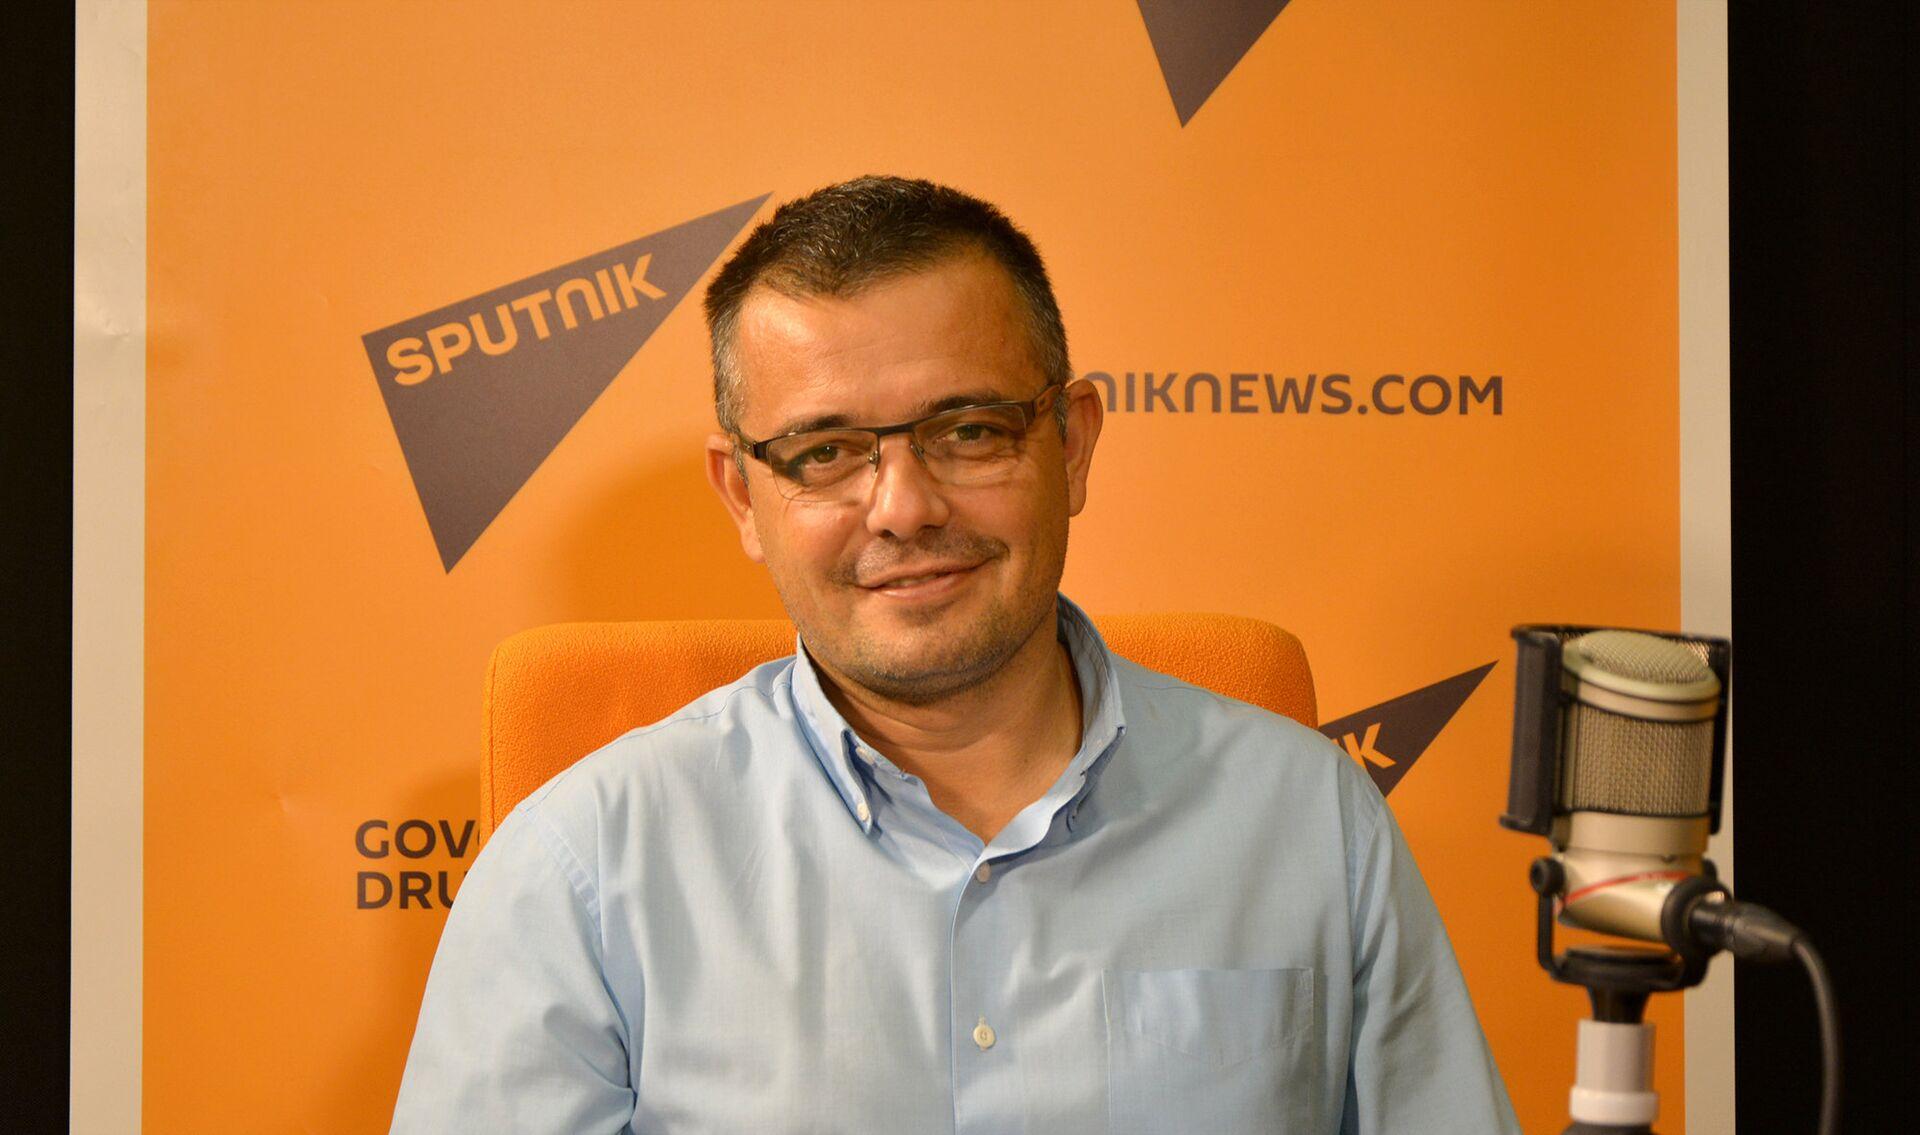 """У Србији нема ГМО, иако """"одређени пословни кругови"""" имају интерес - Sputnik Србија, 1920, 01.02.2021"""